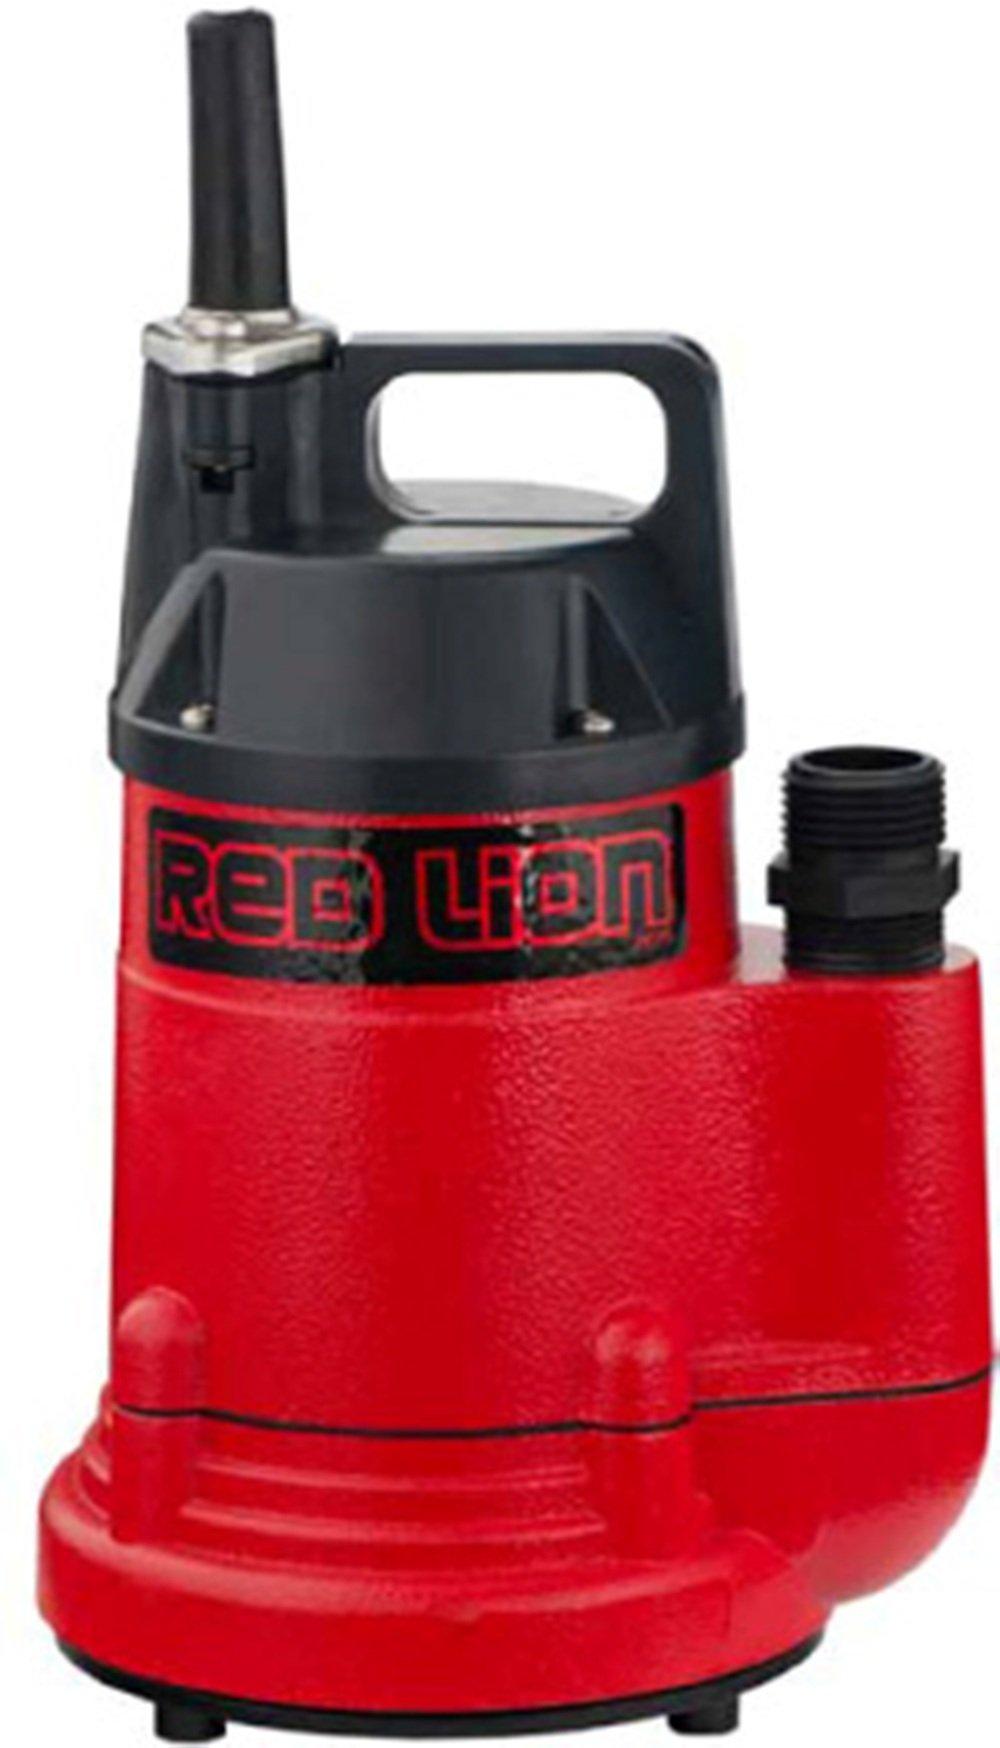 Red Lion RL-160U 1/6 HP Submersible Multi-Purpose Pump